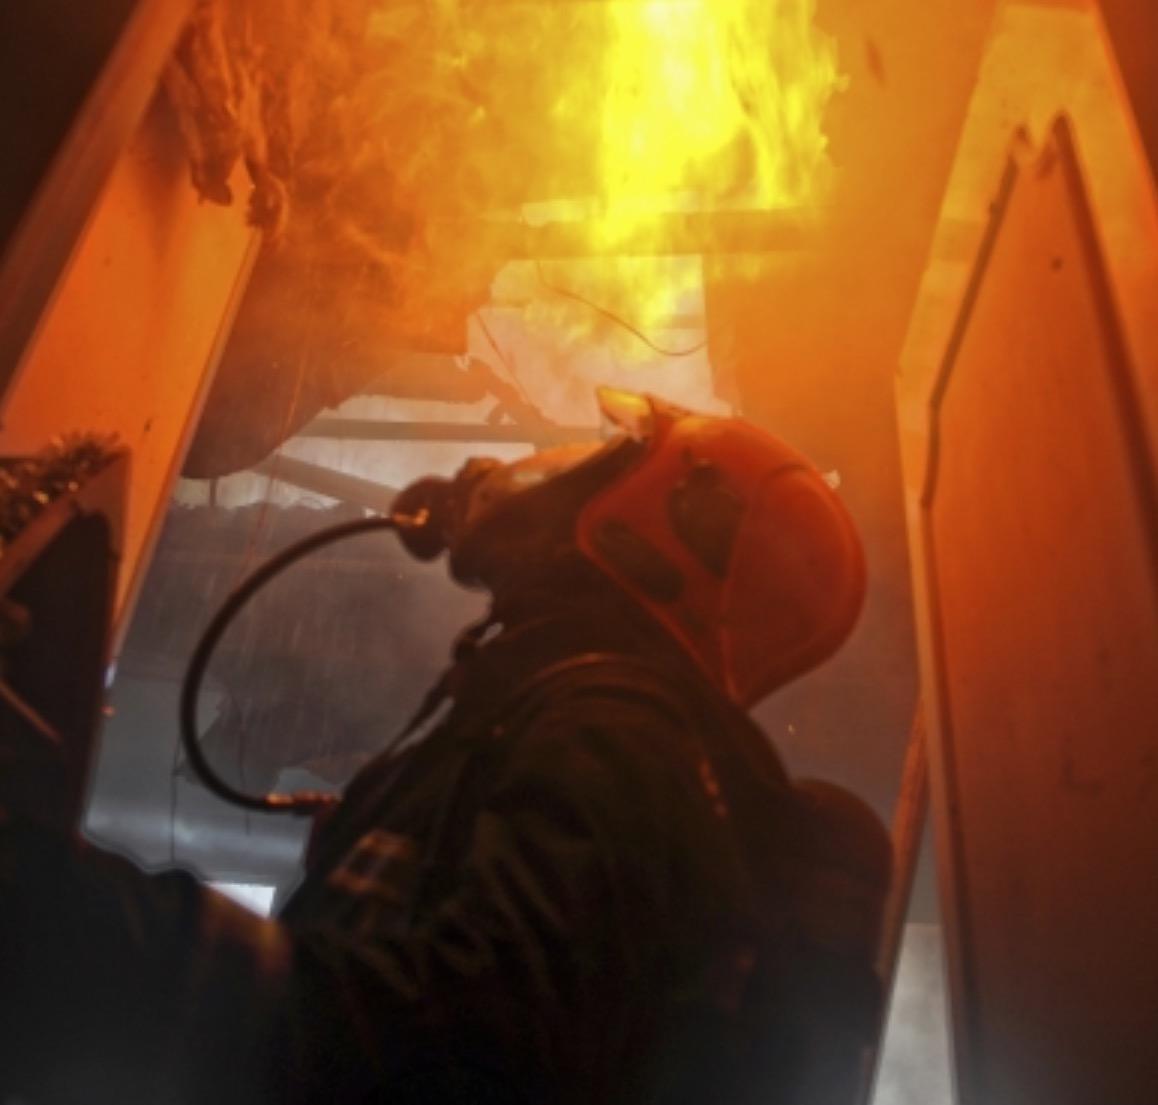 A l'arrivée des pompiers, l'habitation était complètement embrasée (Illustration©Sdis)